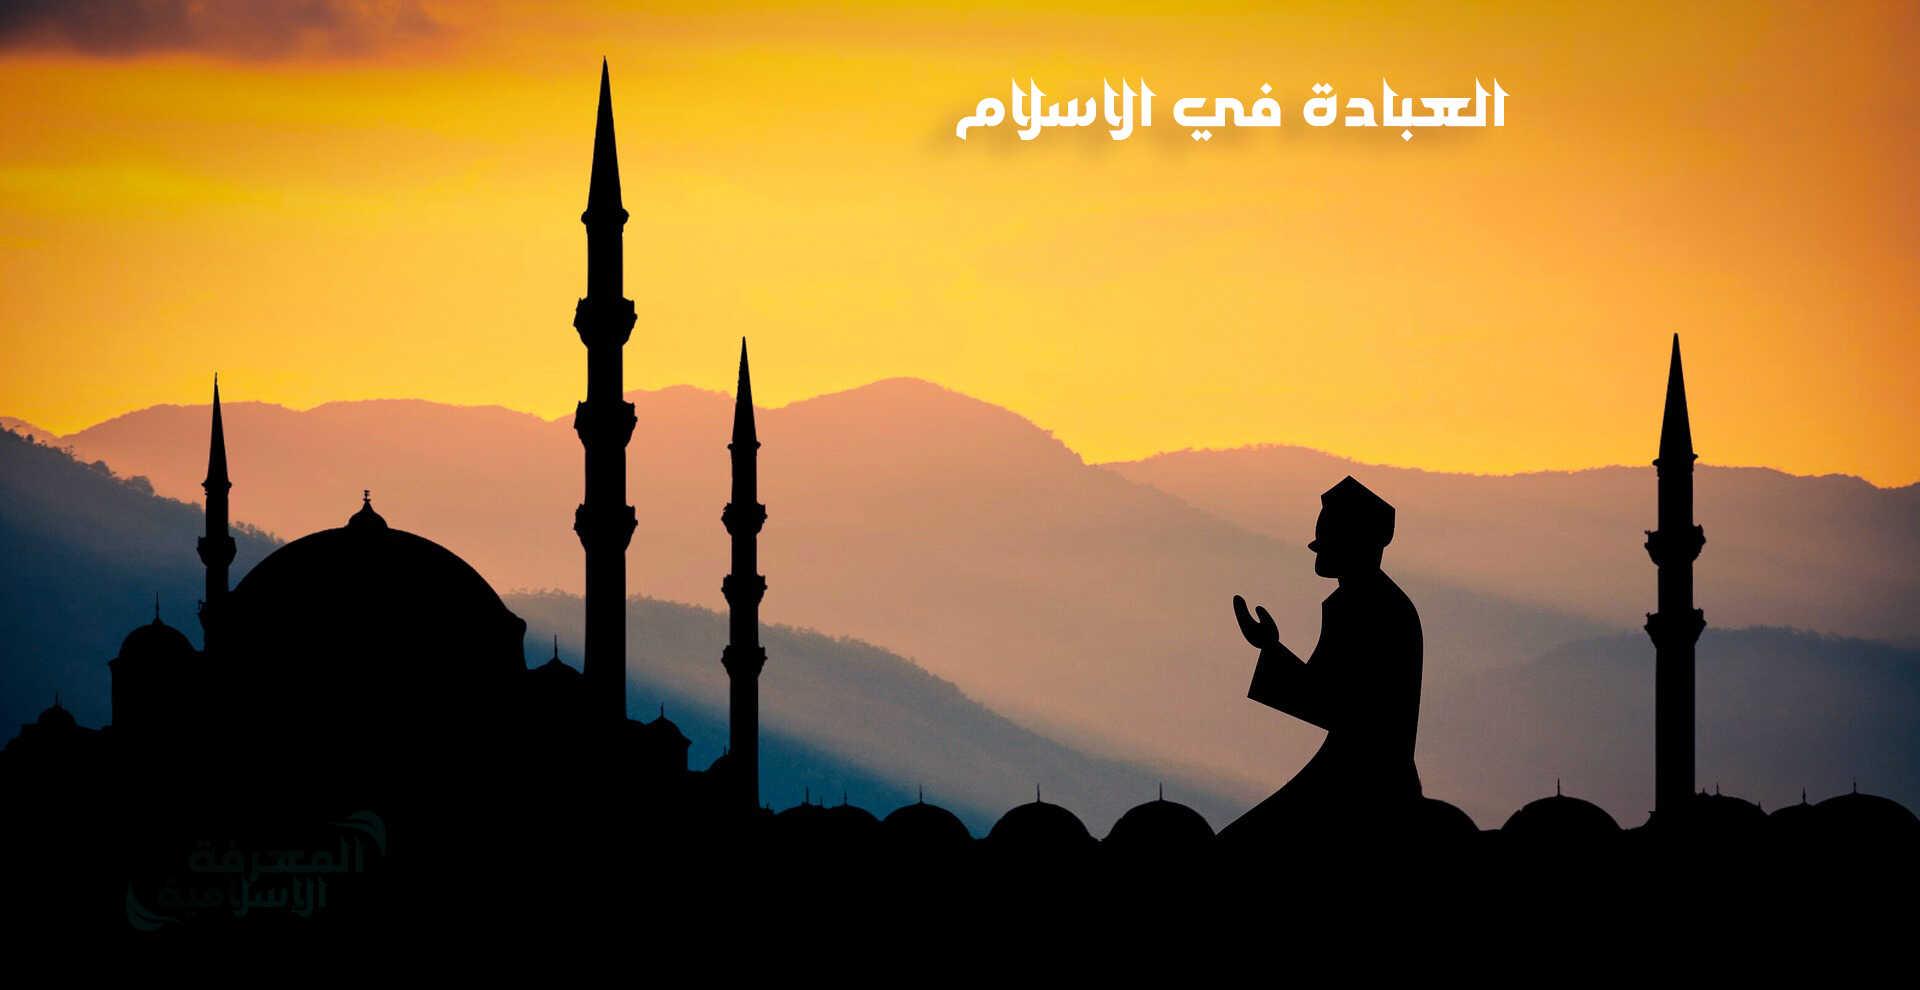 العبادة,العبادة في الإسلام,الإسلام,درس العبادة في الاسلام,مفهوم العبادة في الإسلام,ماهي أفضل العبادات في الإسلام؟,مفهوم العبادة في الشريعة الإسلامية,